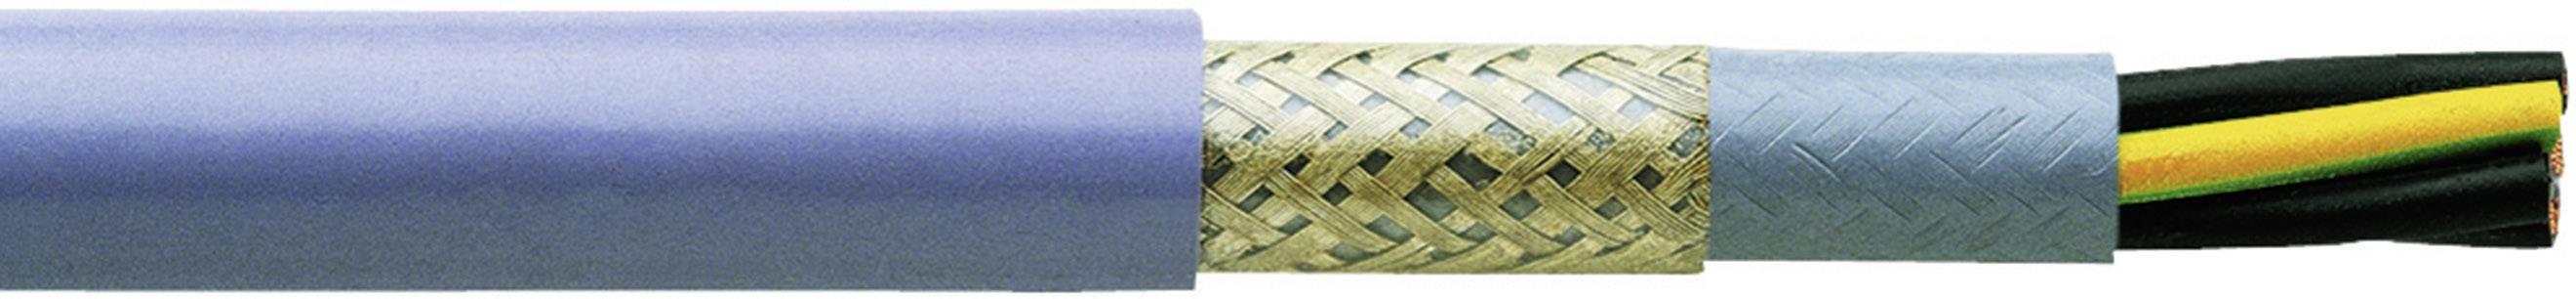 Řídicí kabel Faber Kabel CY-JZ (030422), 8,8 mm, 500 V, stíněný, šedá, 1 m